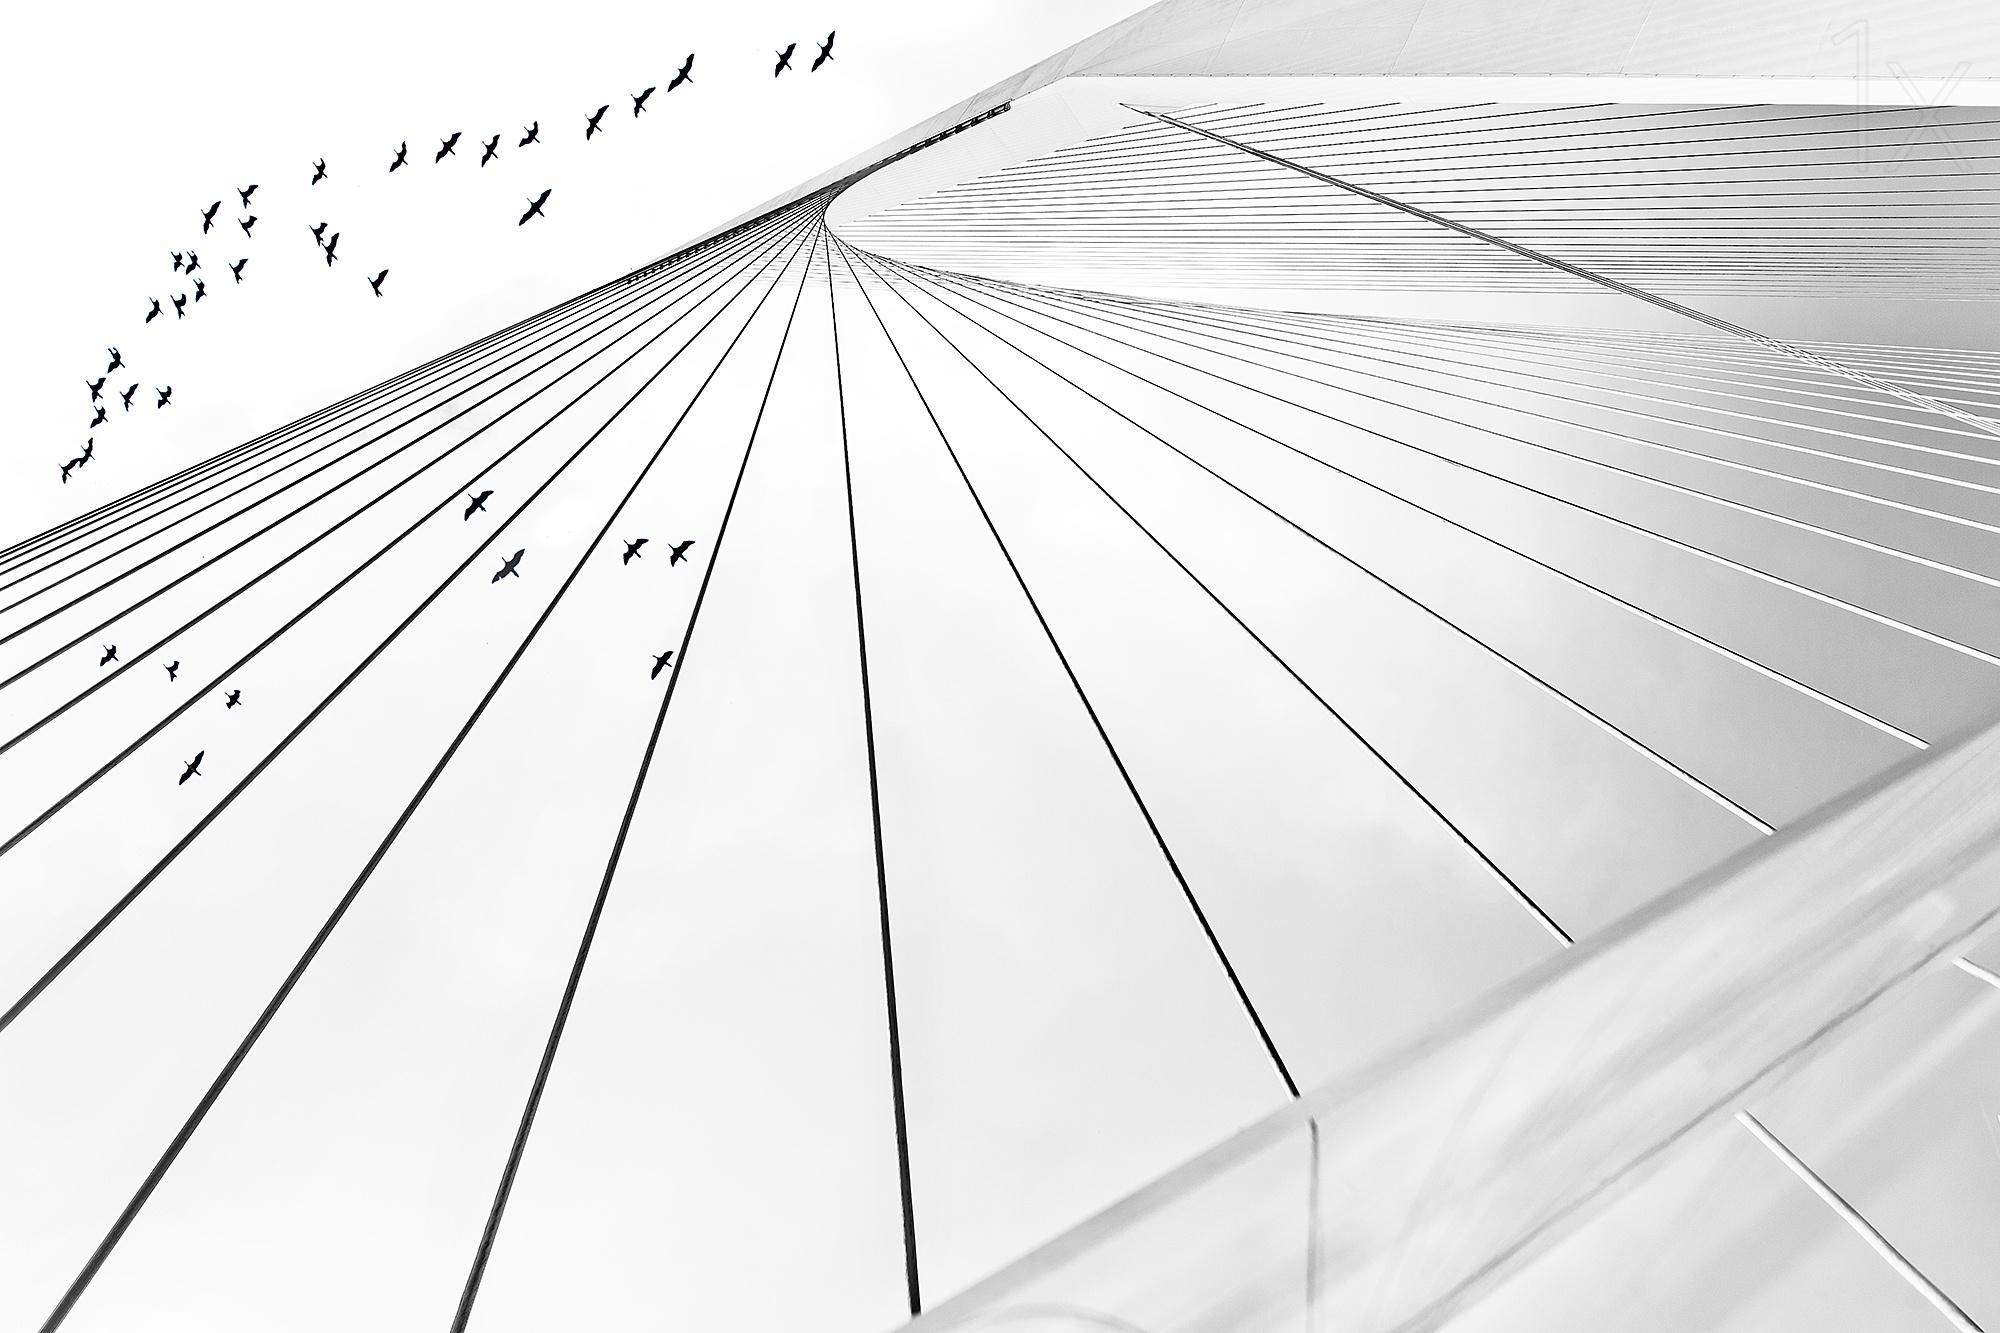 黑白线条的魔力 简单组合构成完美照片-zol科技头条